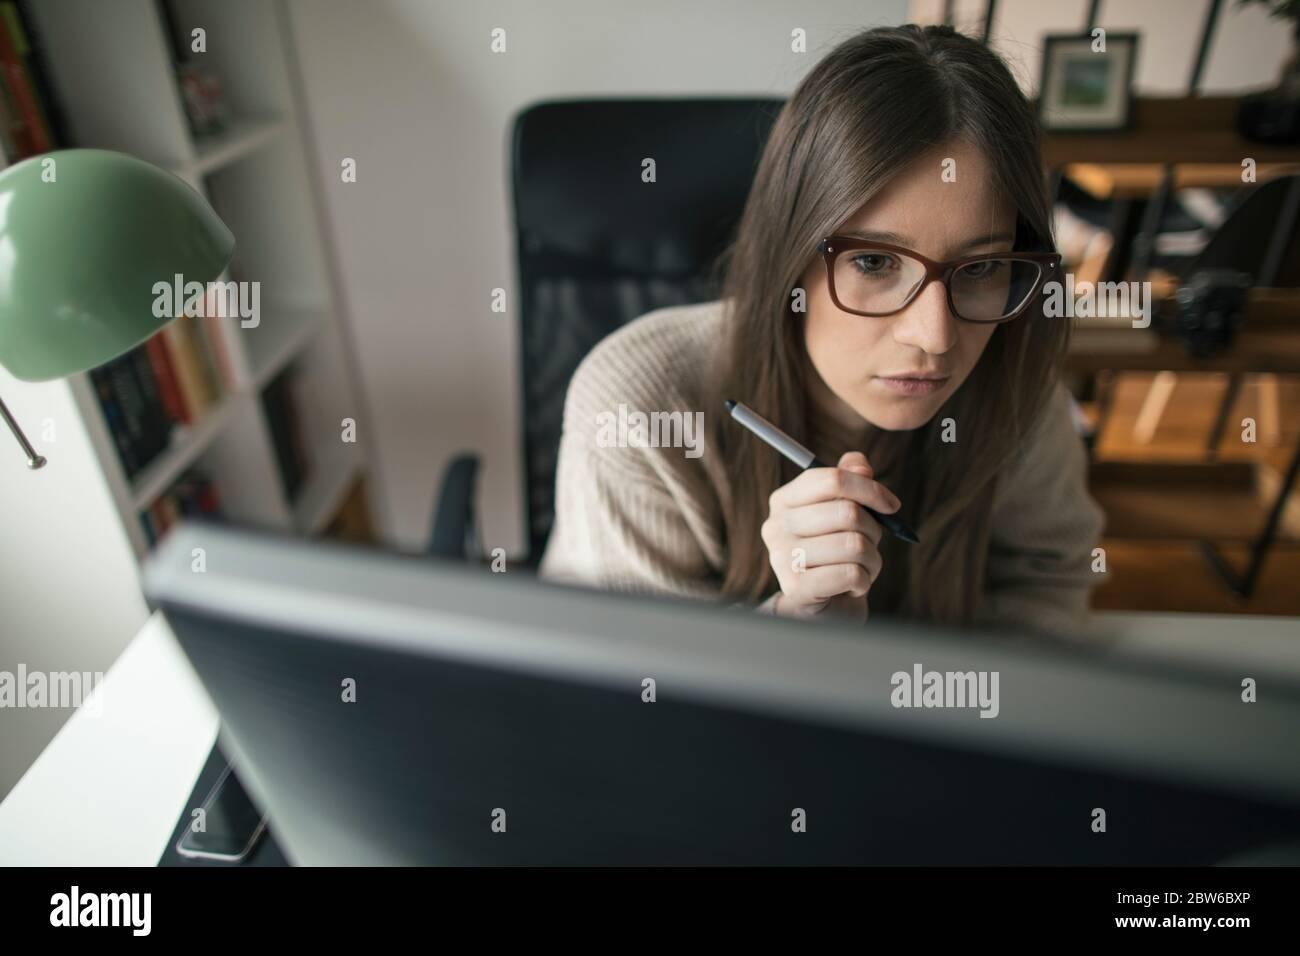 Junge Frau, die von ihrem Home Office aus am Computer arbeitet Stockfoto